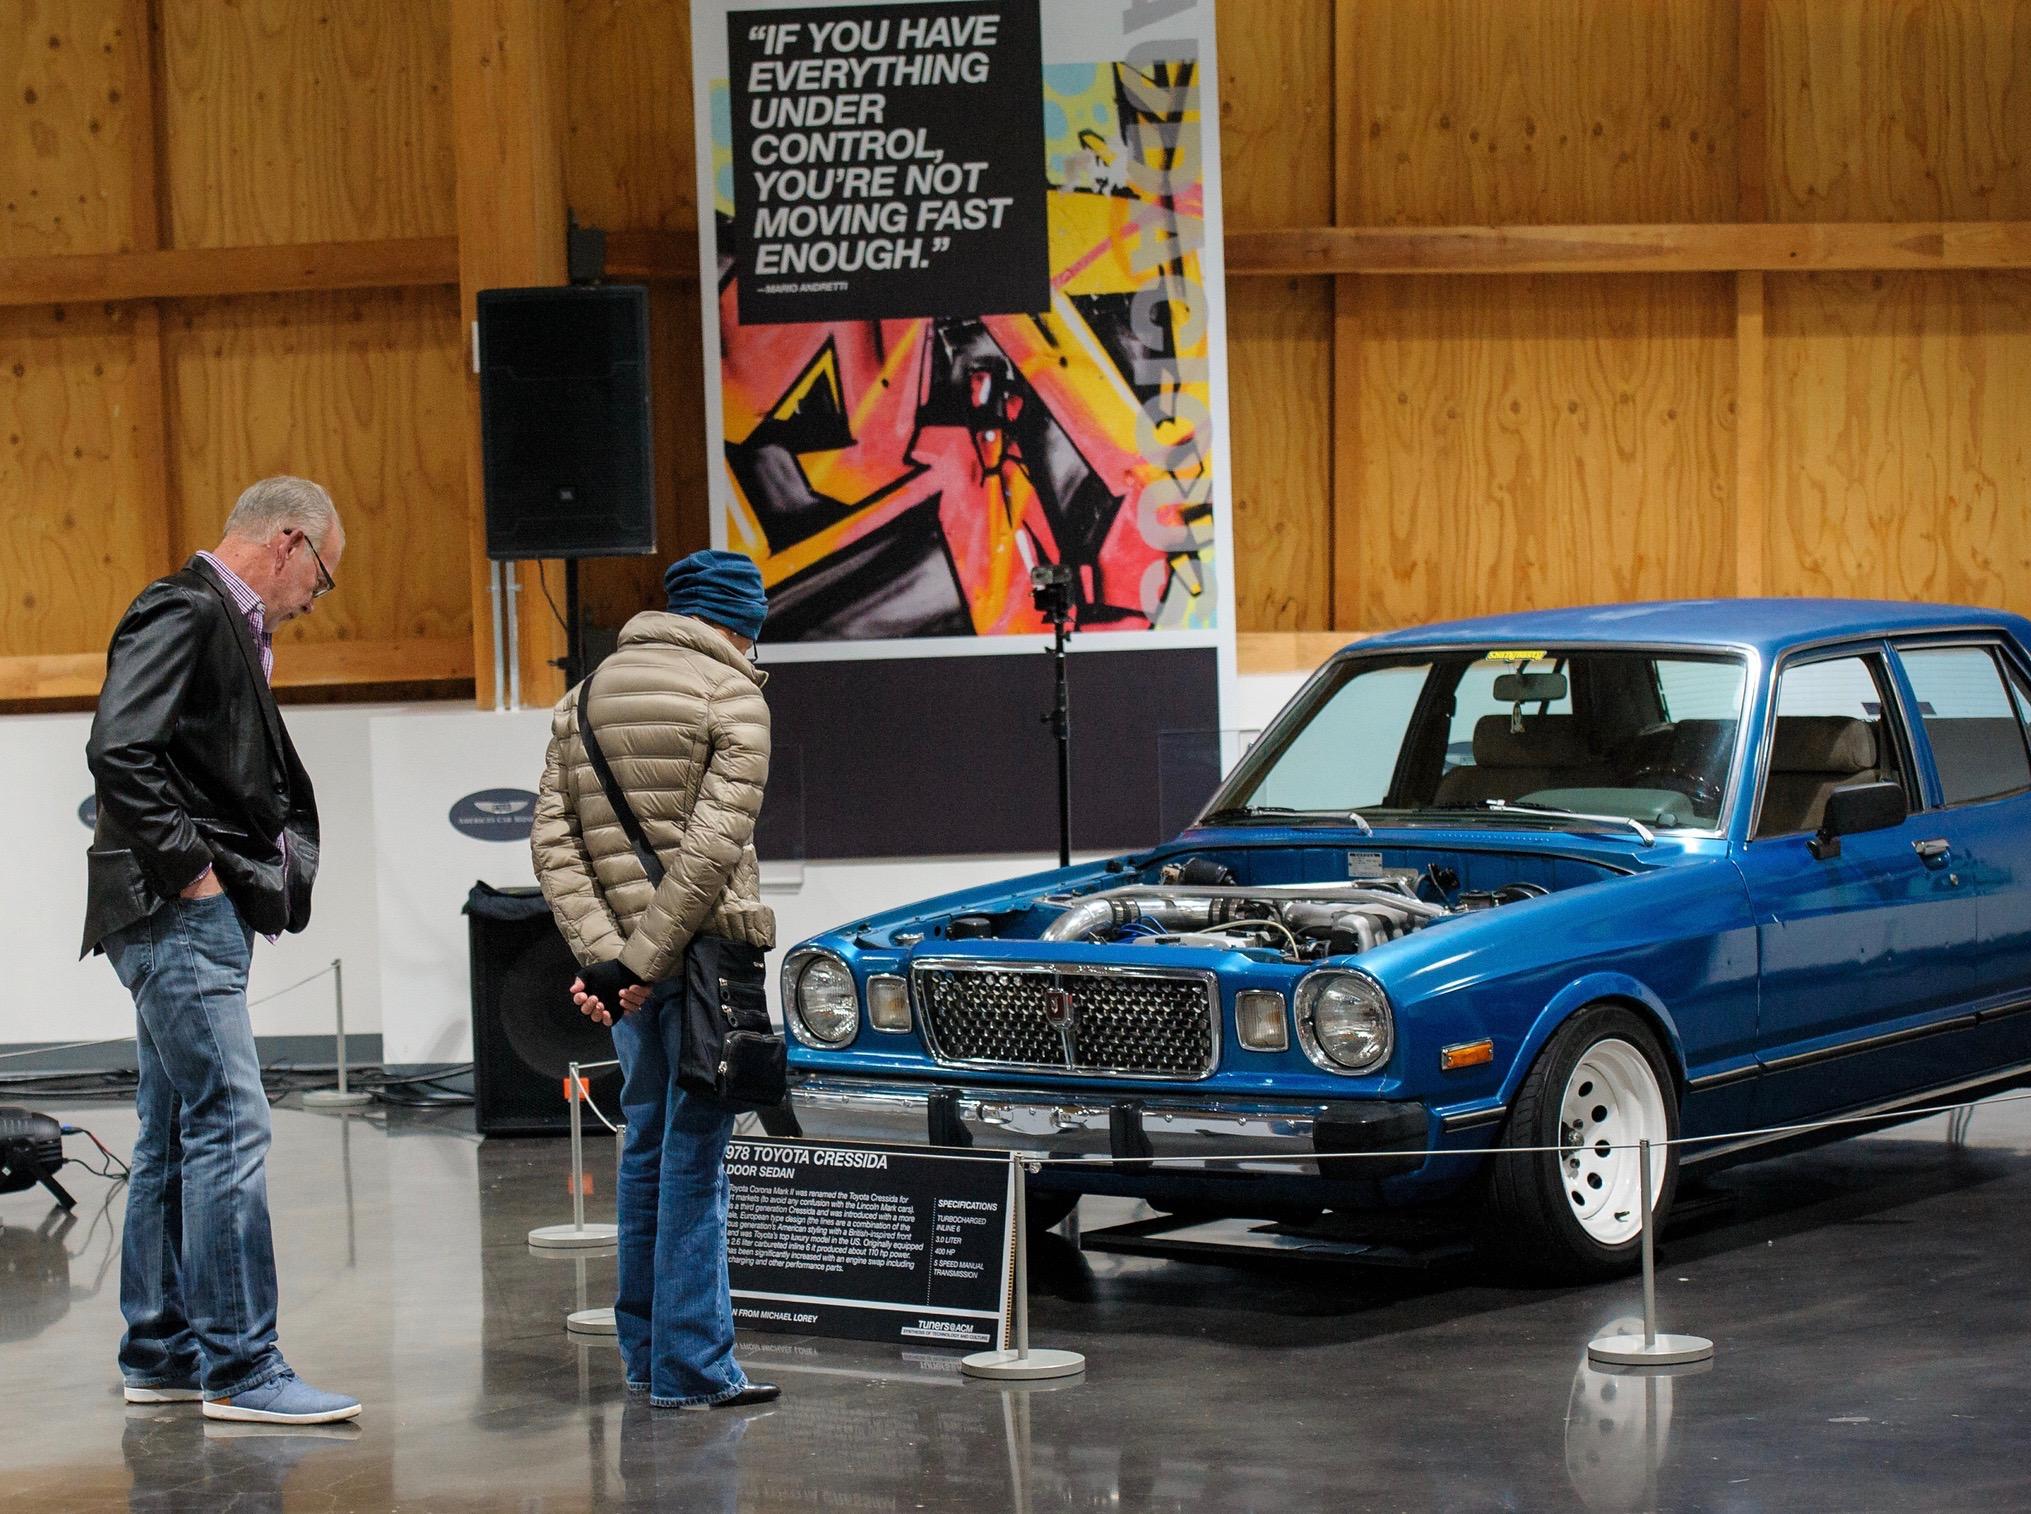 car museum, Tuners@ACM exhibit showcases next-gen hot rods, ClassicCars.com Journal